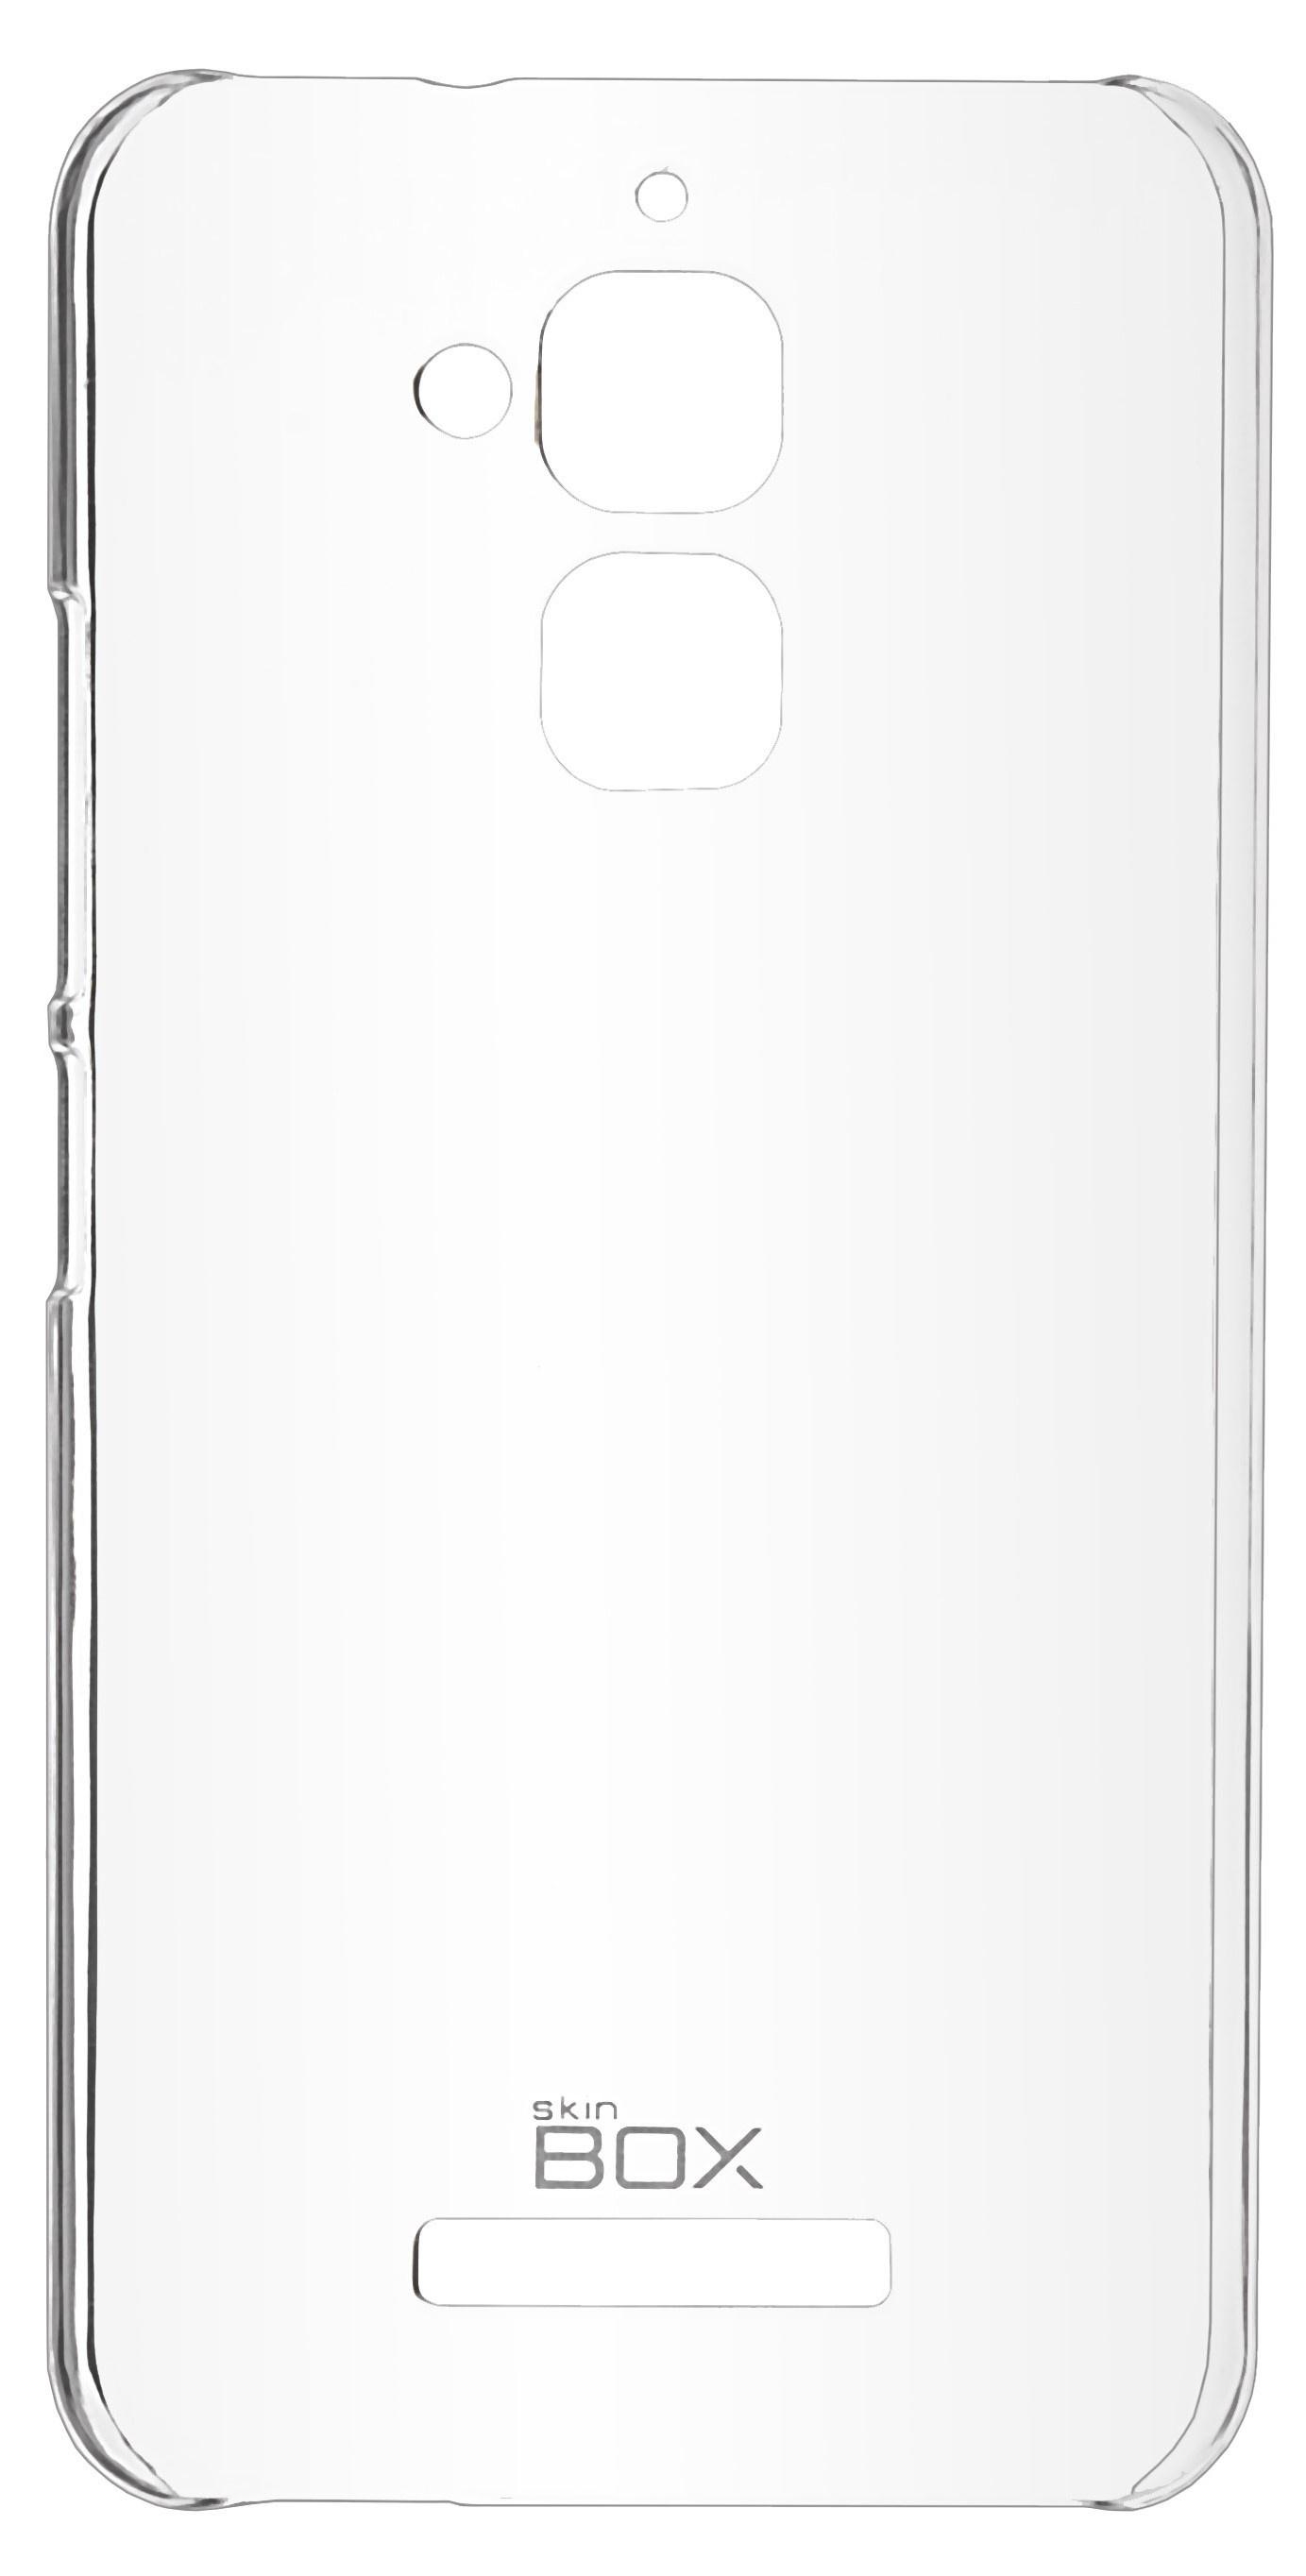 Чехол для сотового телефона skinBOX Crystal, 4630042528468, прозрачный чехол для сотового телефона skinbox crystal 4630042524750 прозрачный